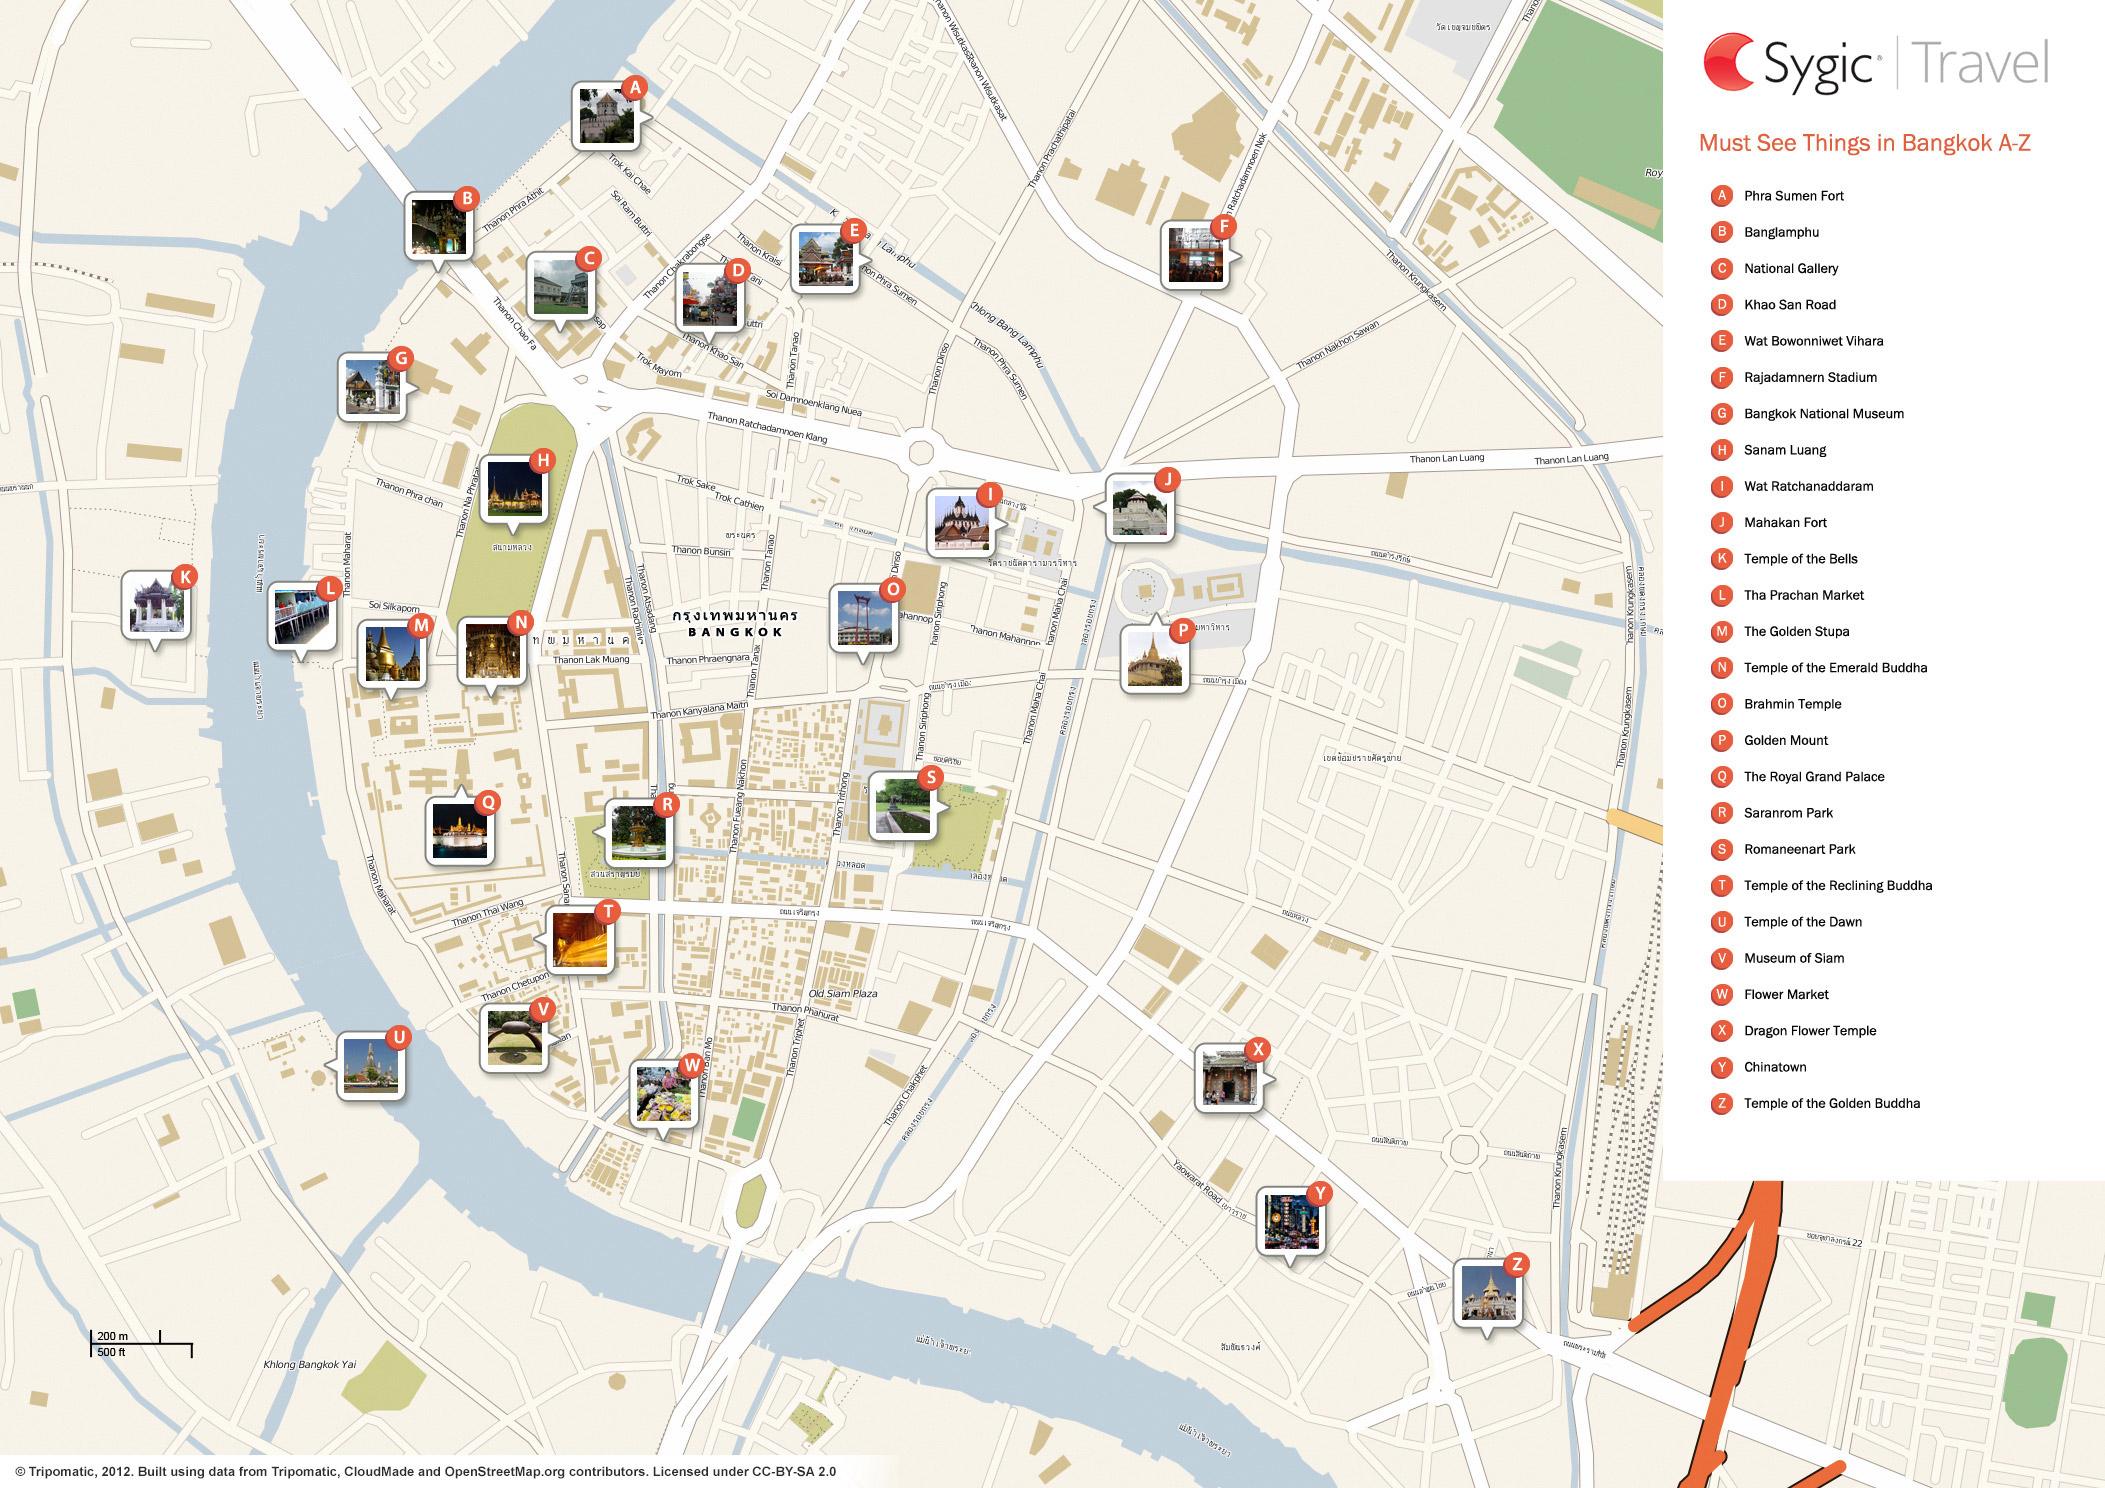 Map of Bangkok Attractions | Sygic Travel